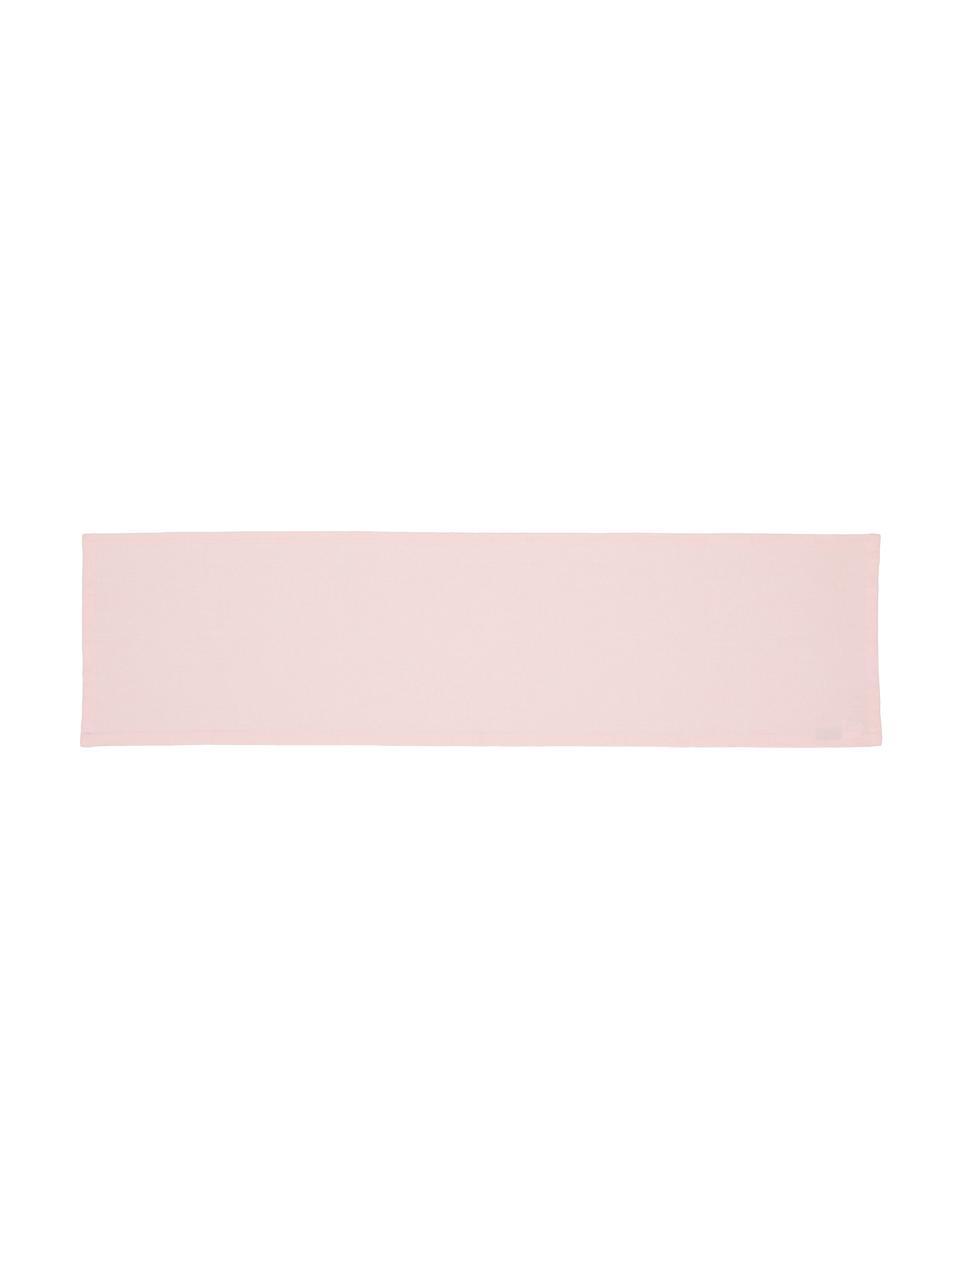 Tischläufer Riva aus Baumwollgemisch in Rosa, 55%Baumwolle, 45%Polyester, Rosa, 40 x 150 cm